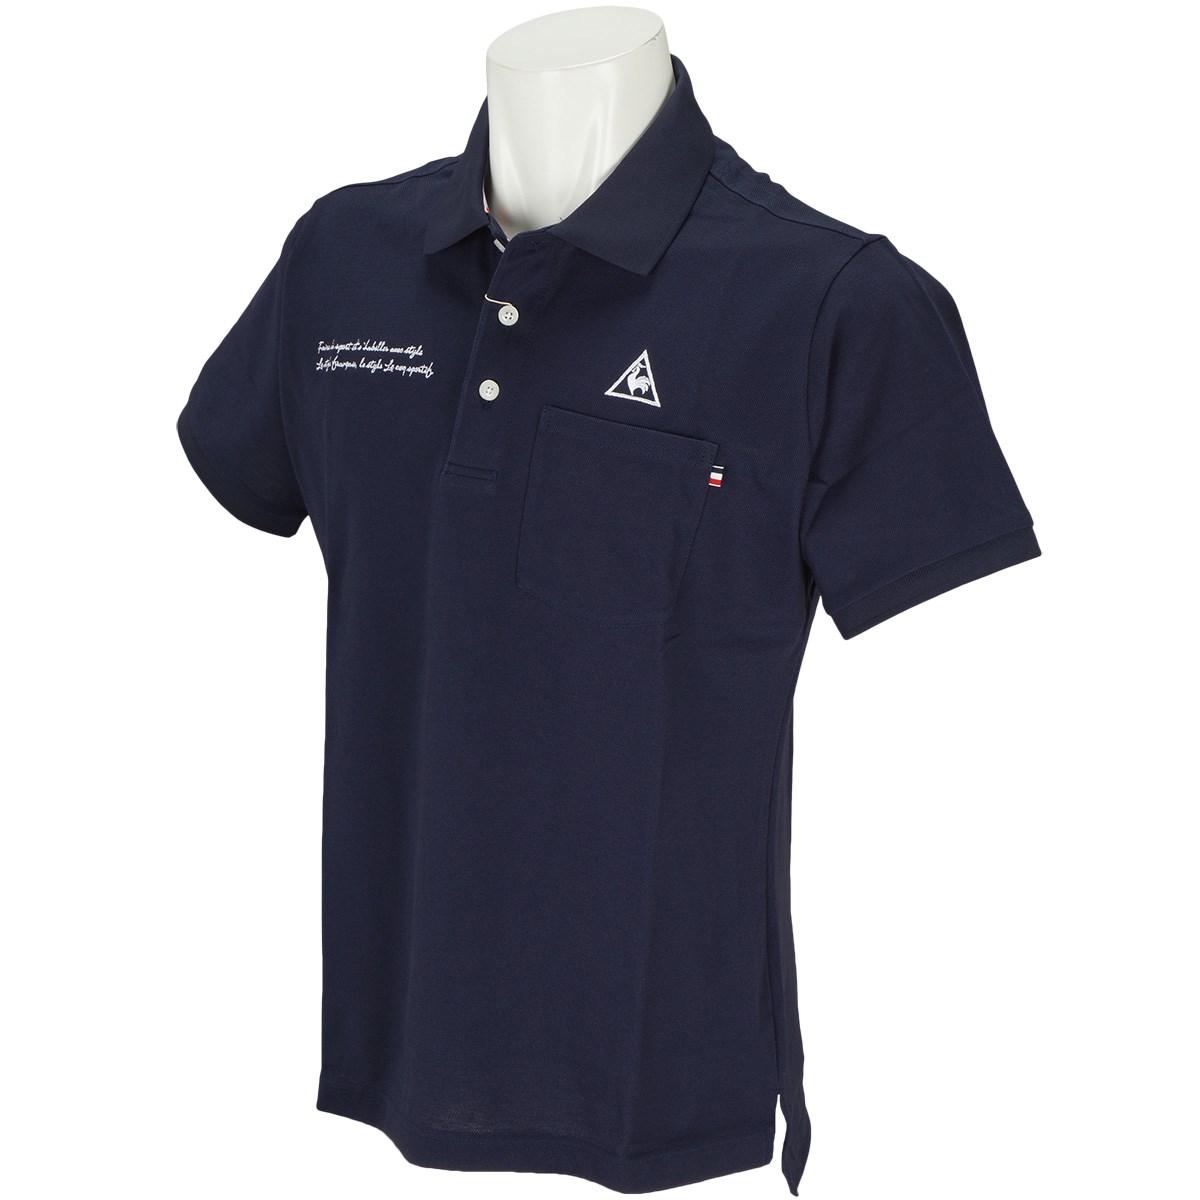 ルコックゴルフ Le coq sportif GOLF 半袖ポロシャツ S ネイビー 00